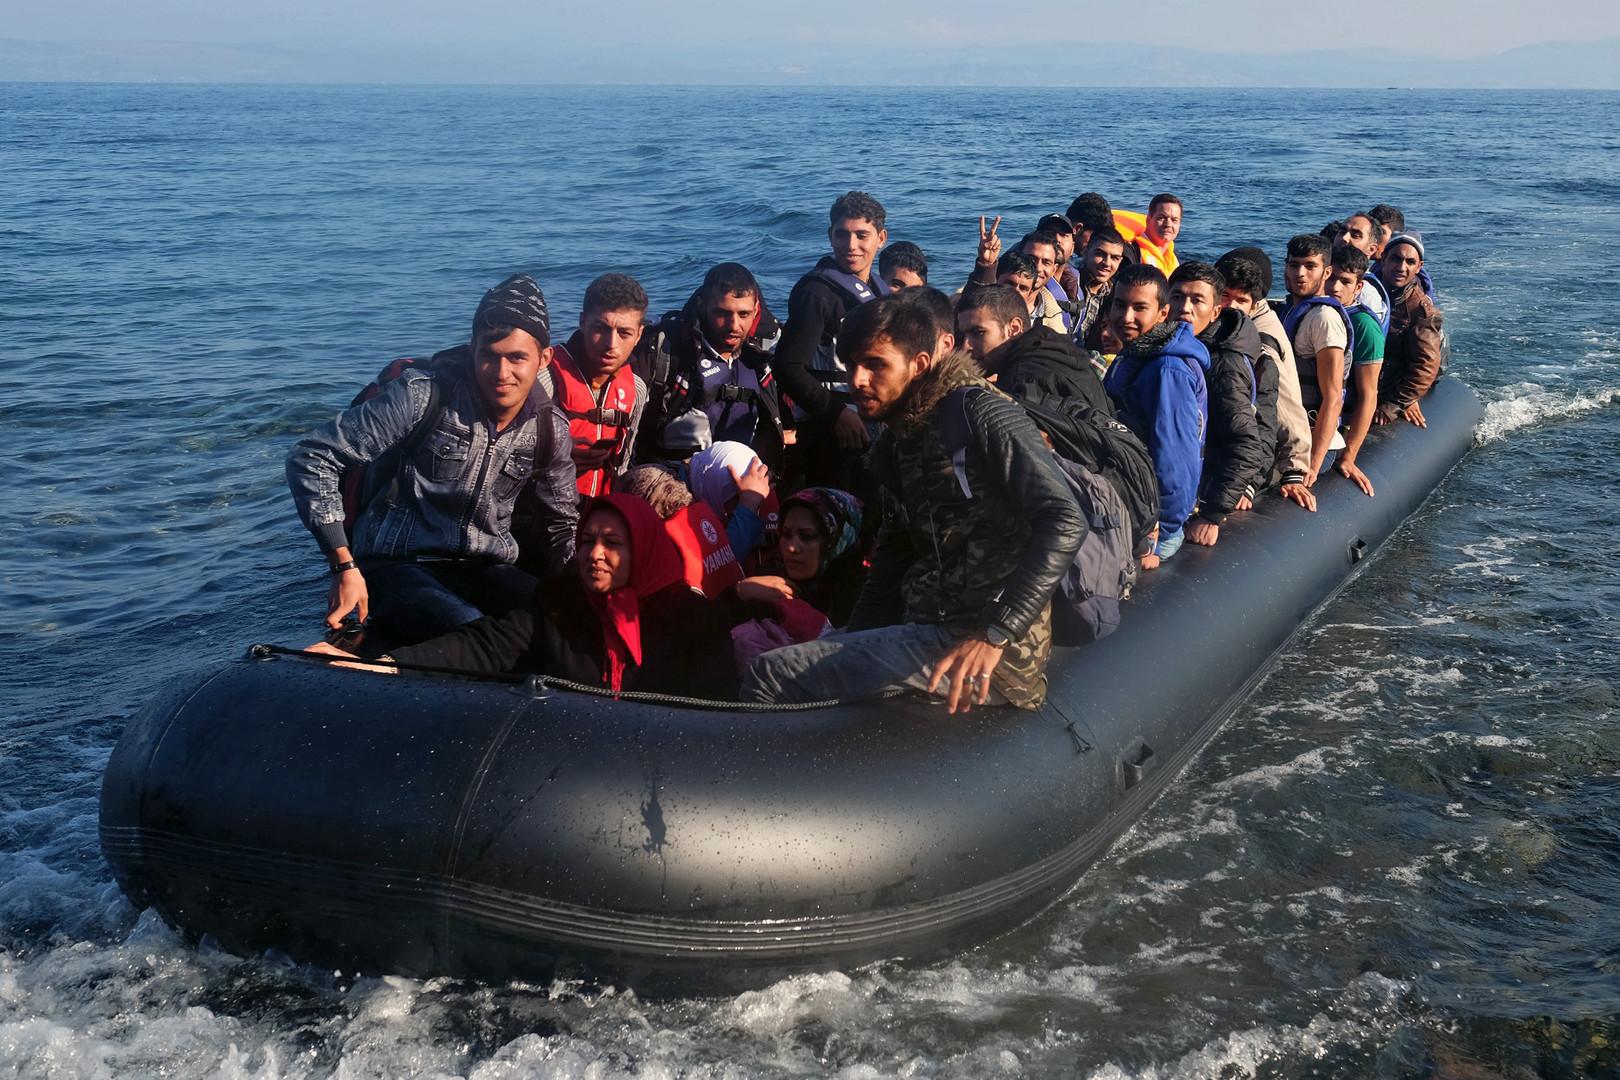 Мигранты. В Грецию стремятся не только туристы, но и беженцы, которые всеми силами пытаются попасть в Евросоюз из стран Ближнего Востока и Северной Африки.